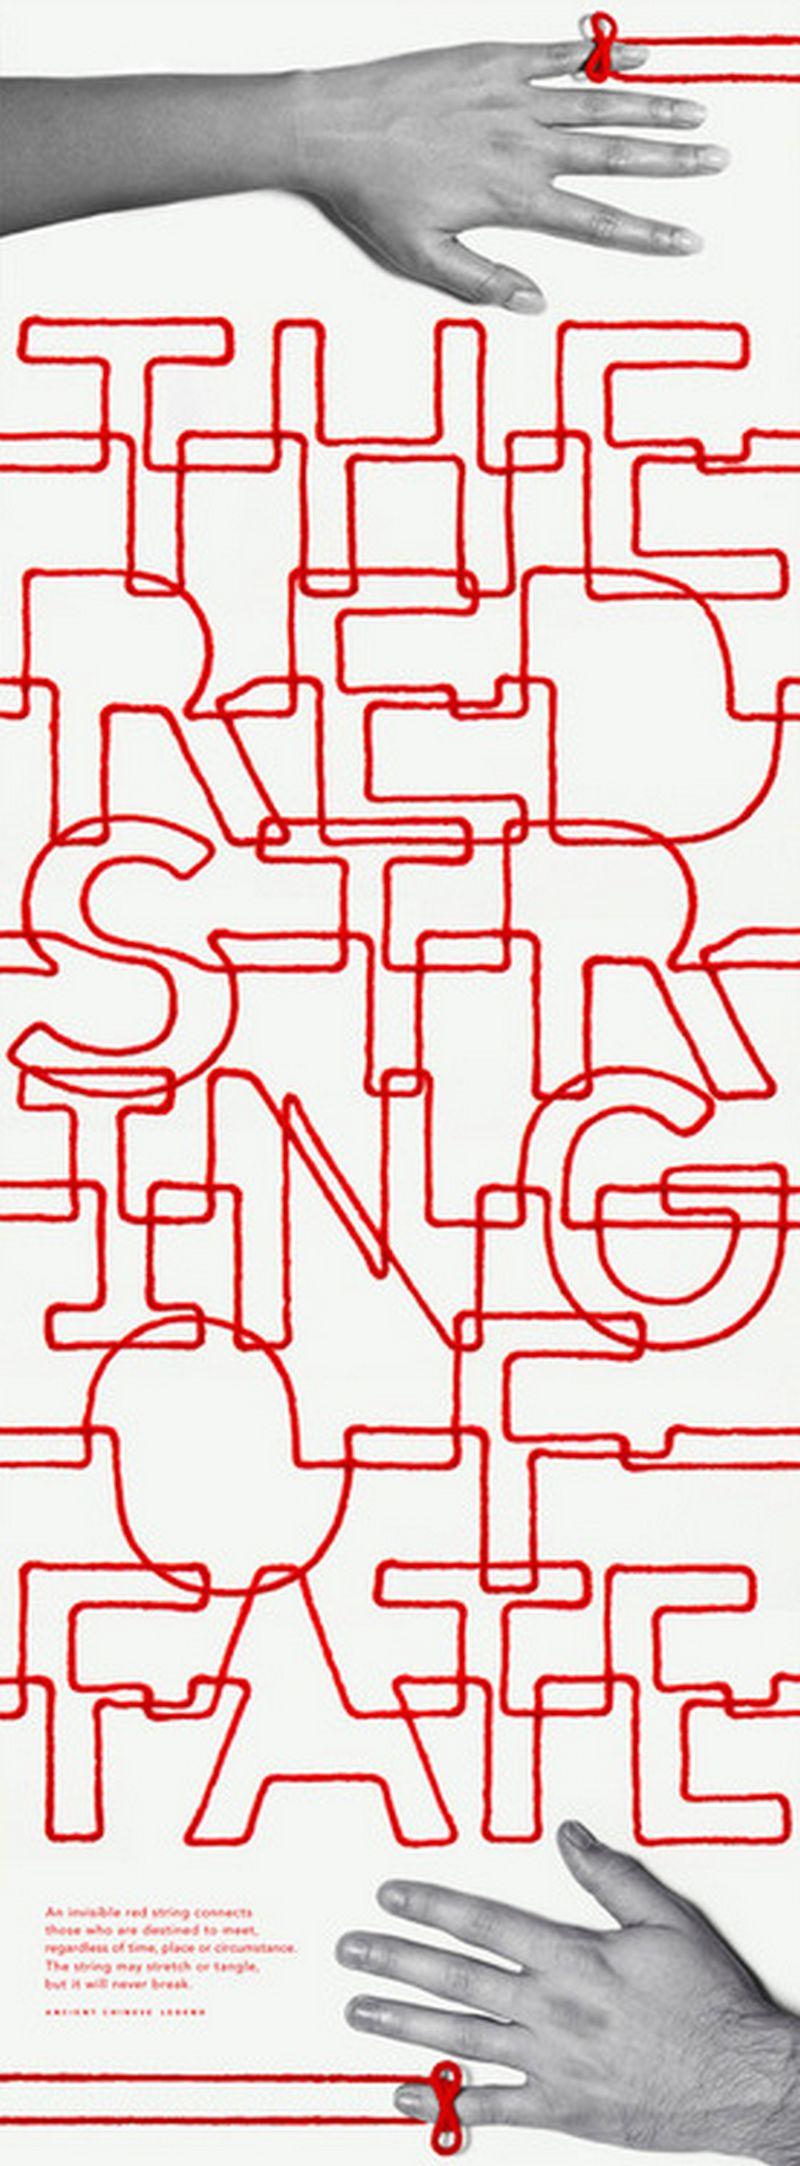 Леттеринг и типографика - 35 отличных примеров 11